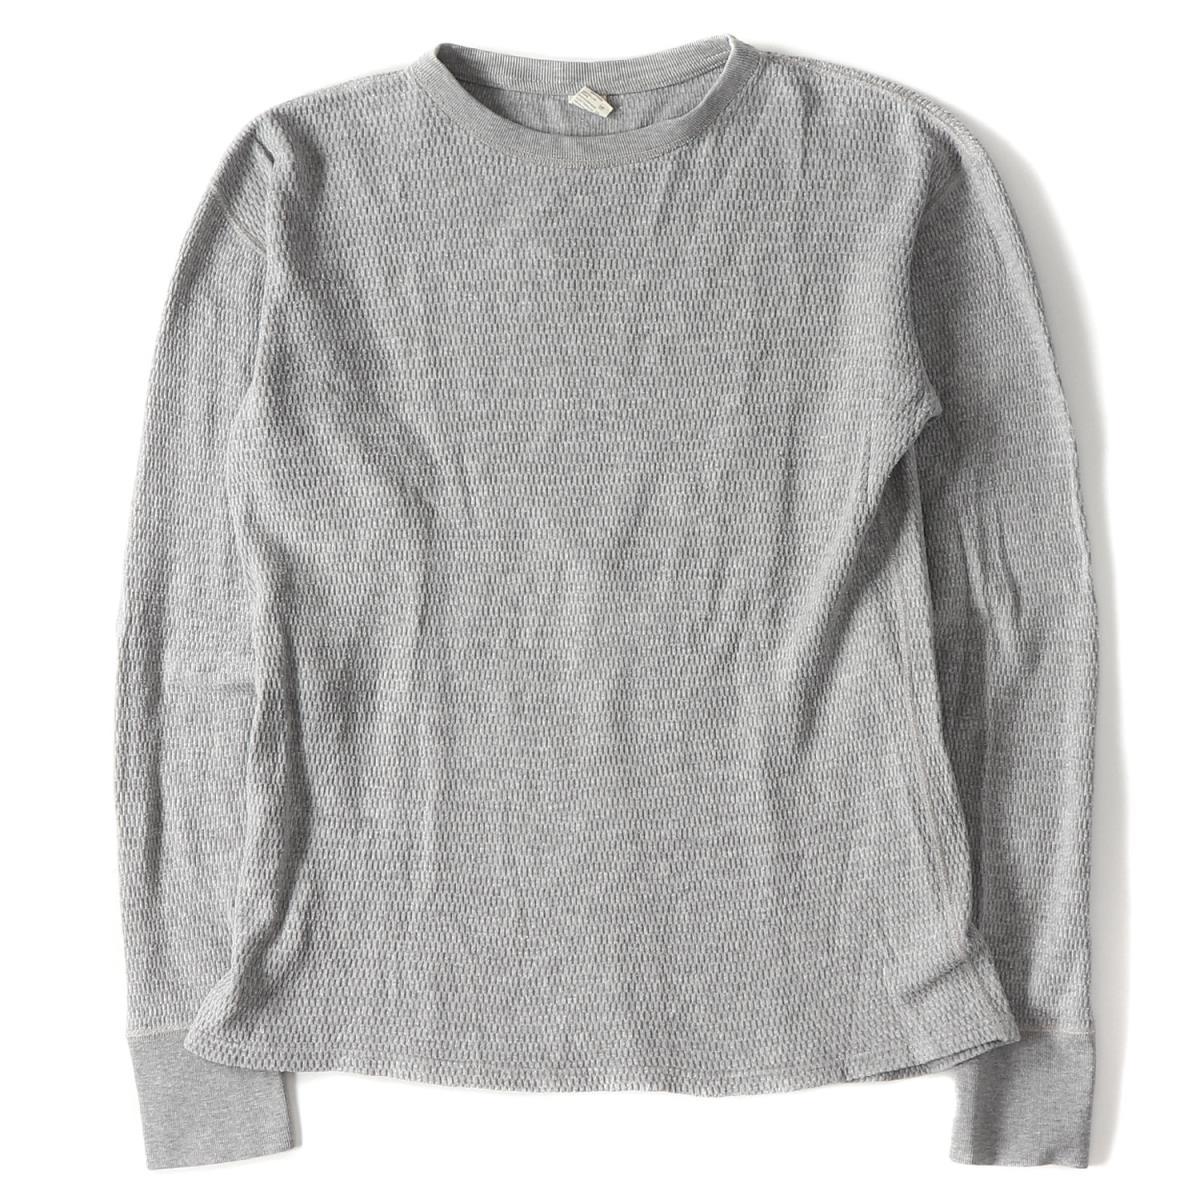 トップス, Tシャツ・カットソー FLAT HEAD () T T 42(XL) K2462